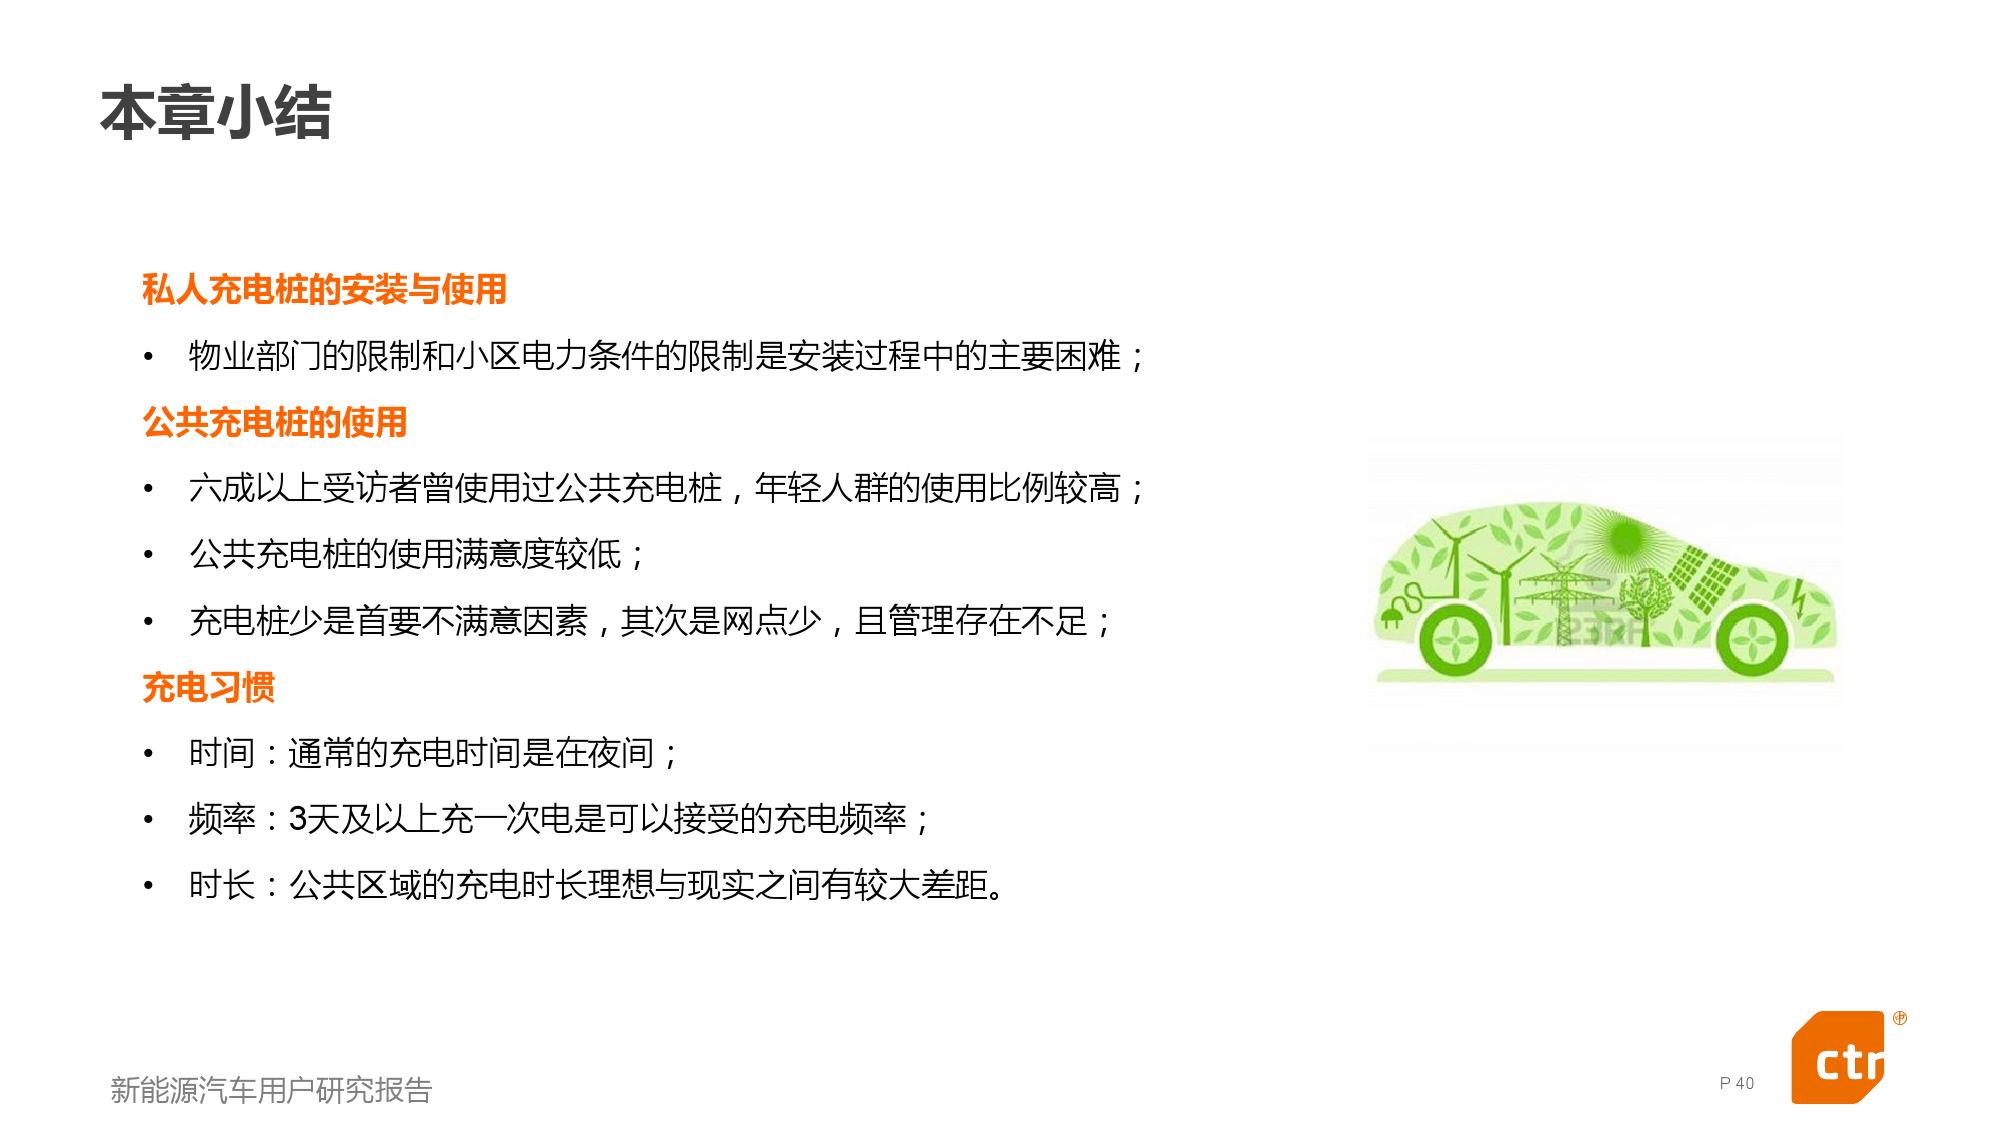 新能源汽车用户研究报告_000040